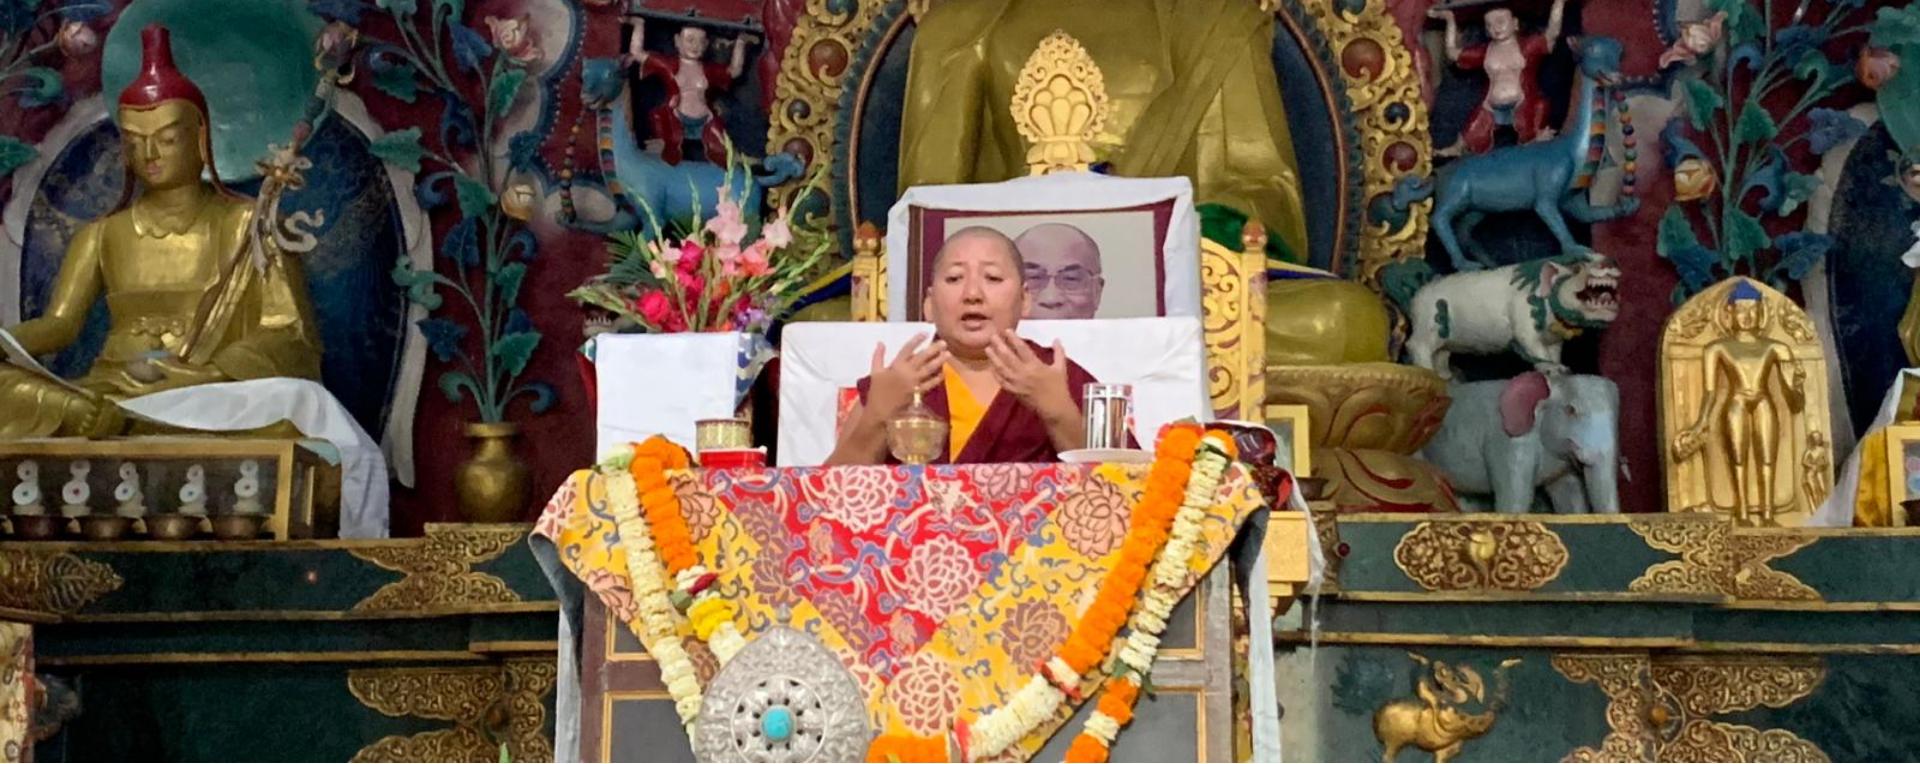 Khandro Rinpoche gibt Belehrungen im Shechen Kloster in Bodhgaya, Indien